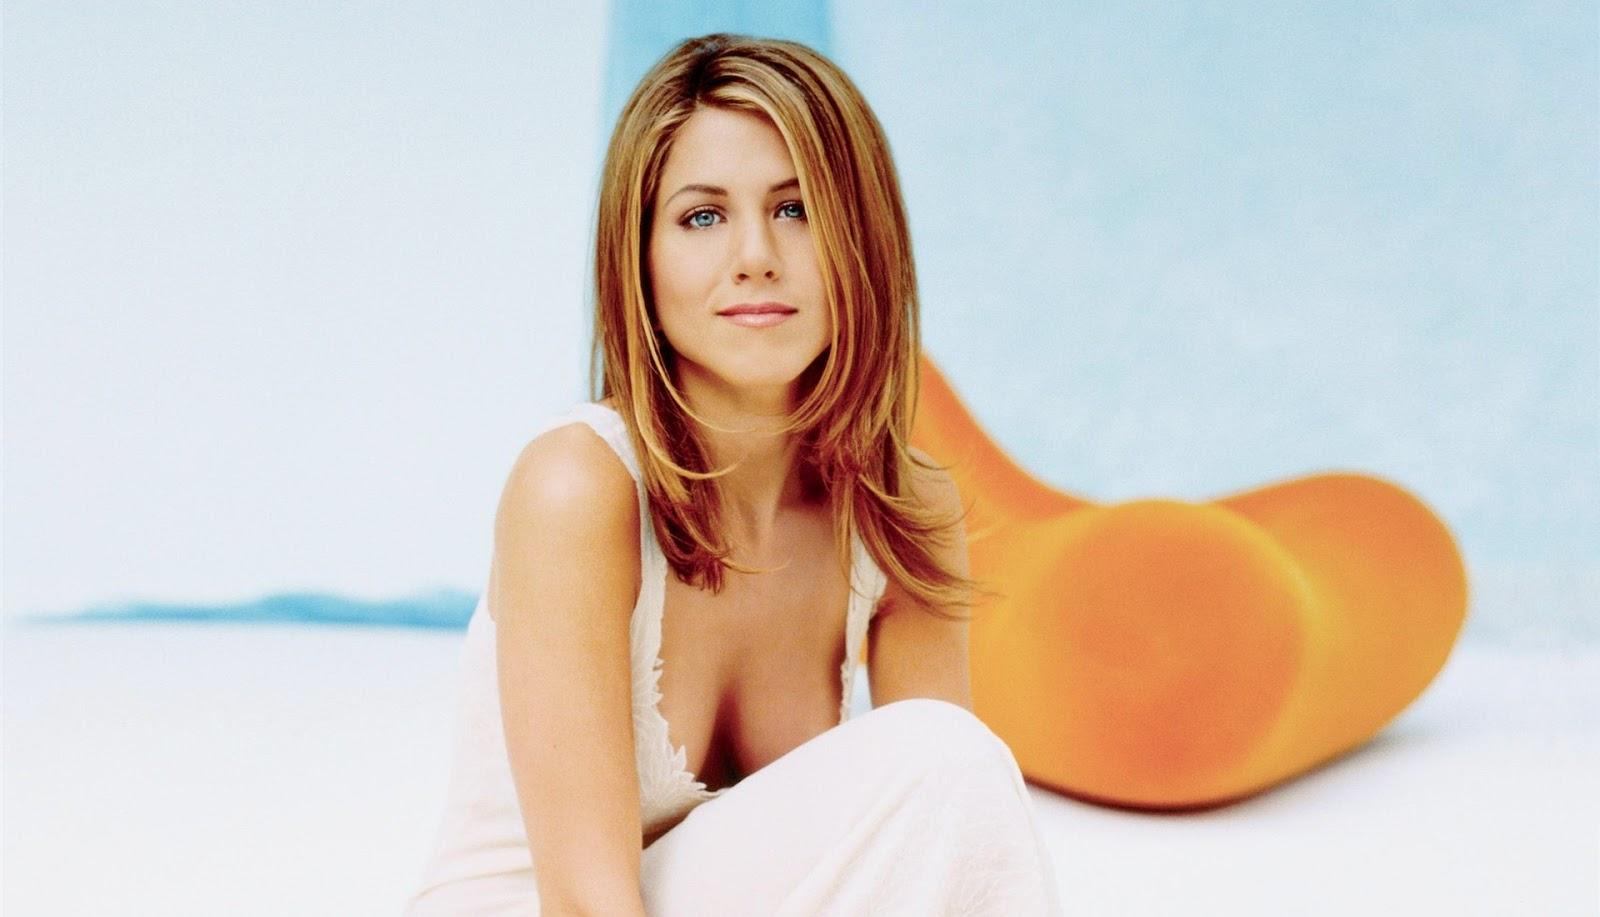 http://3.bp.blogspot.com/-VzmJskj-GHA/UH7etawX6OI/AAAAAAAAIr0/cIAPzKvfJQ0/s1600/Jennifer+Aniston+(18).jpg